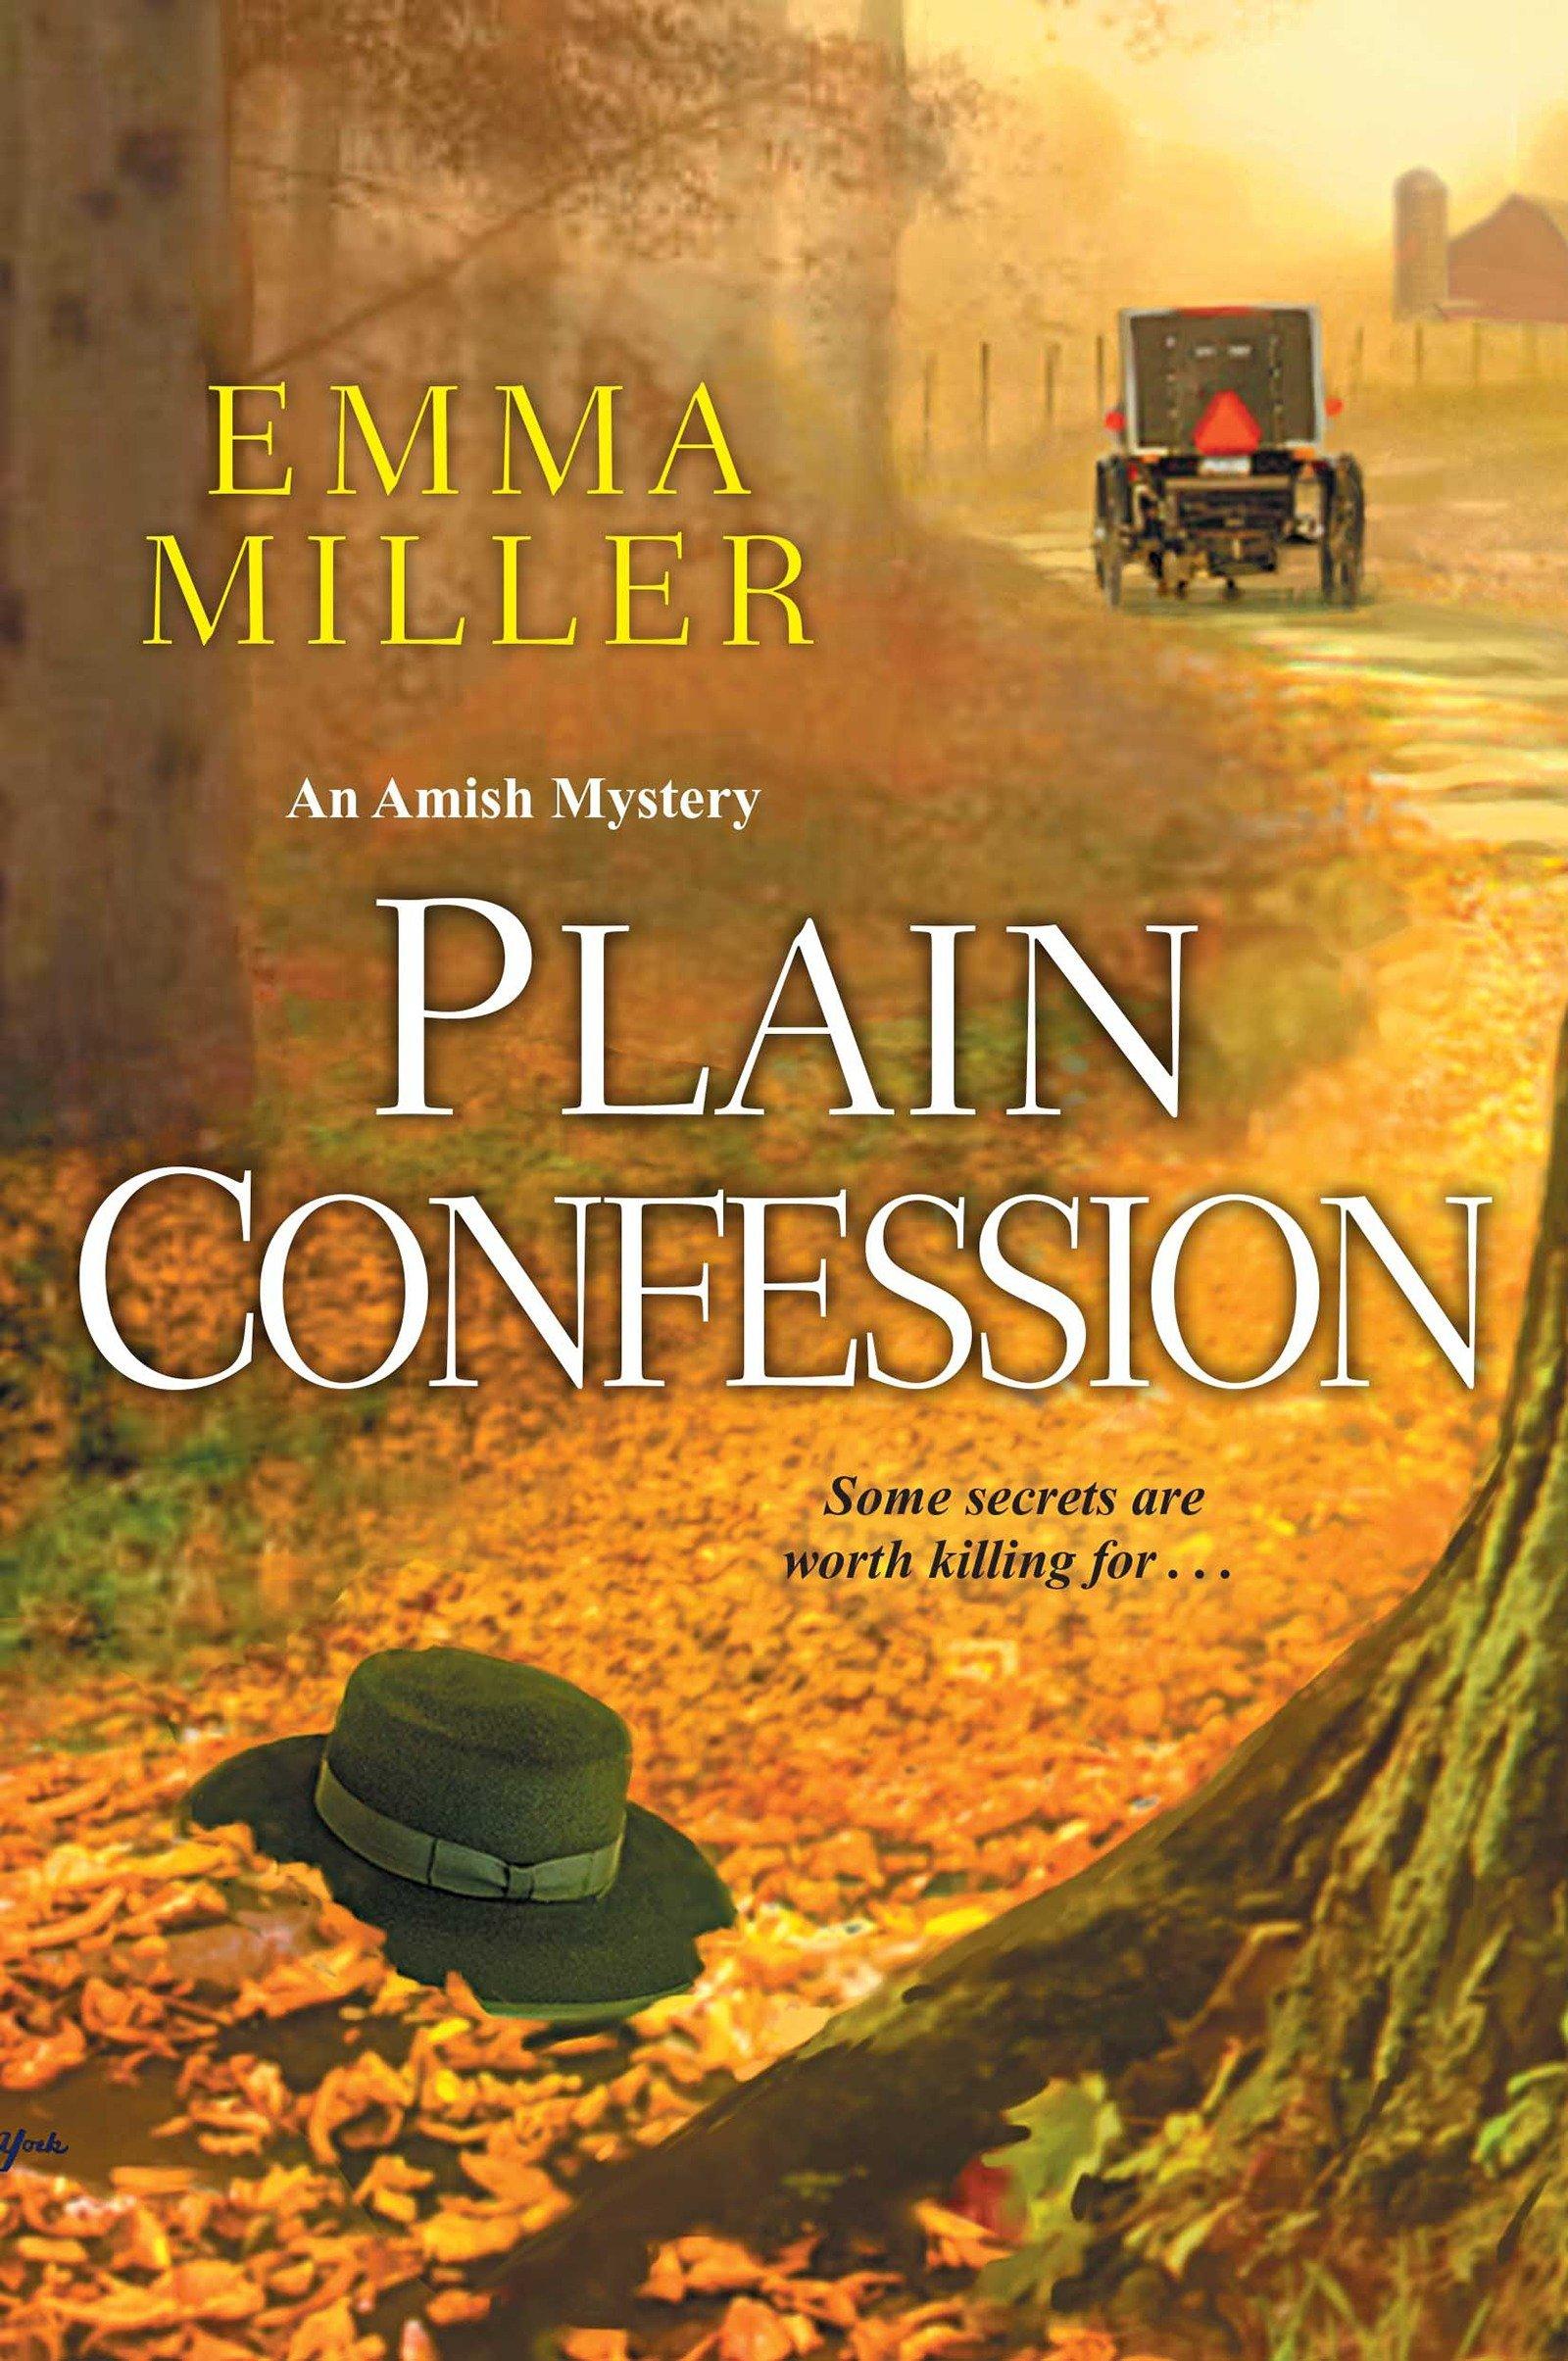 Image result for plain confession emma miller